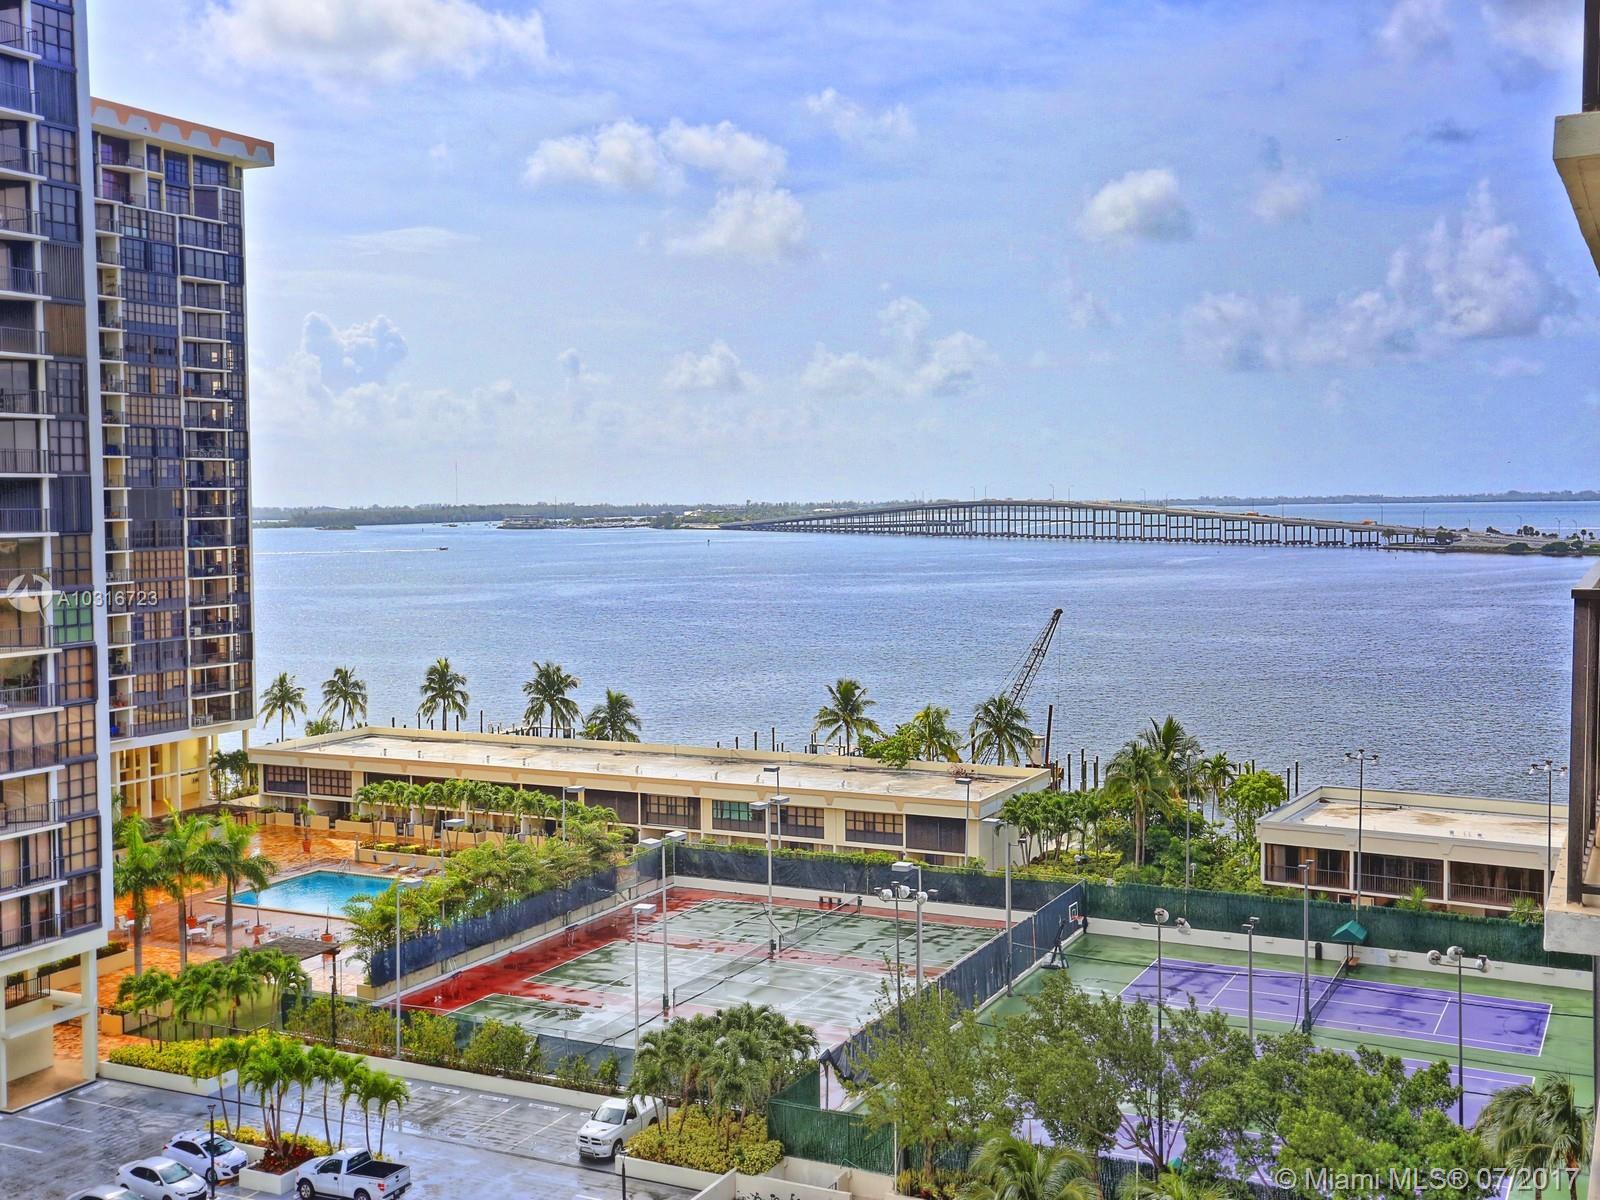 1901 Brickell Ave, Miami, FL 33129, Brickell Place II #C1101, Brickell, Miami A10316723 image #1